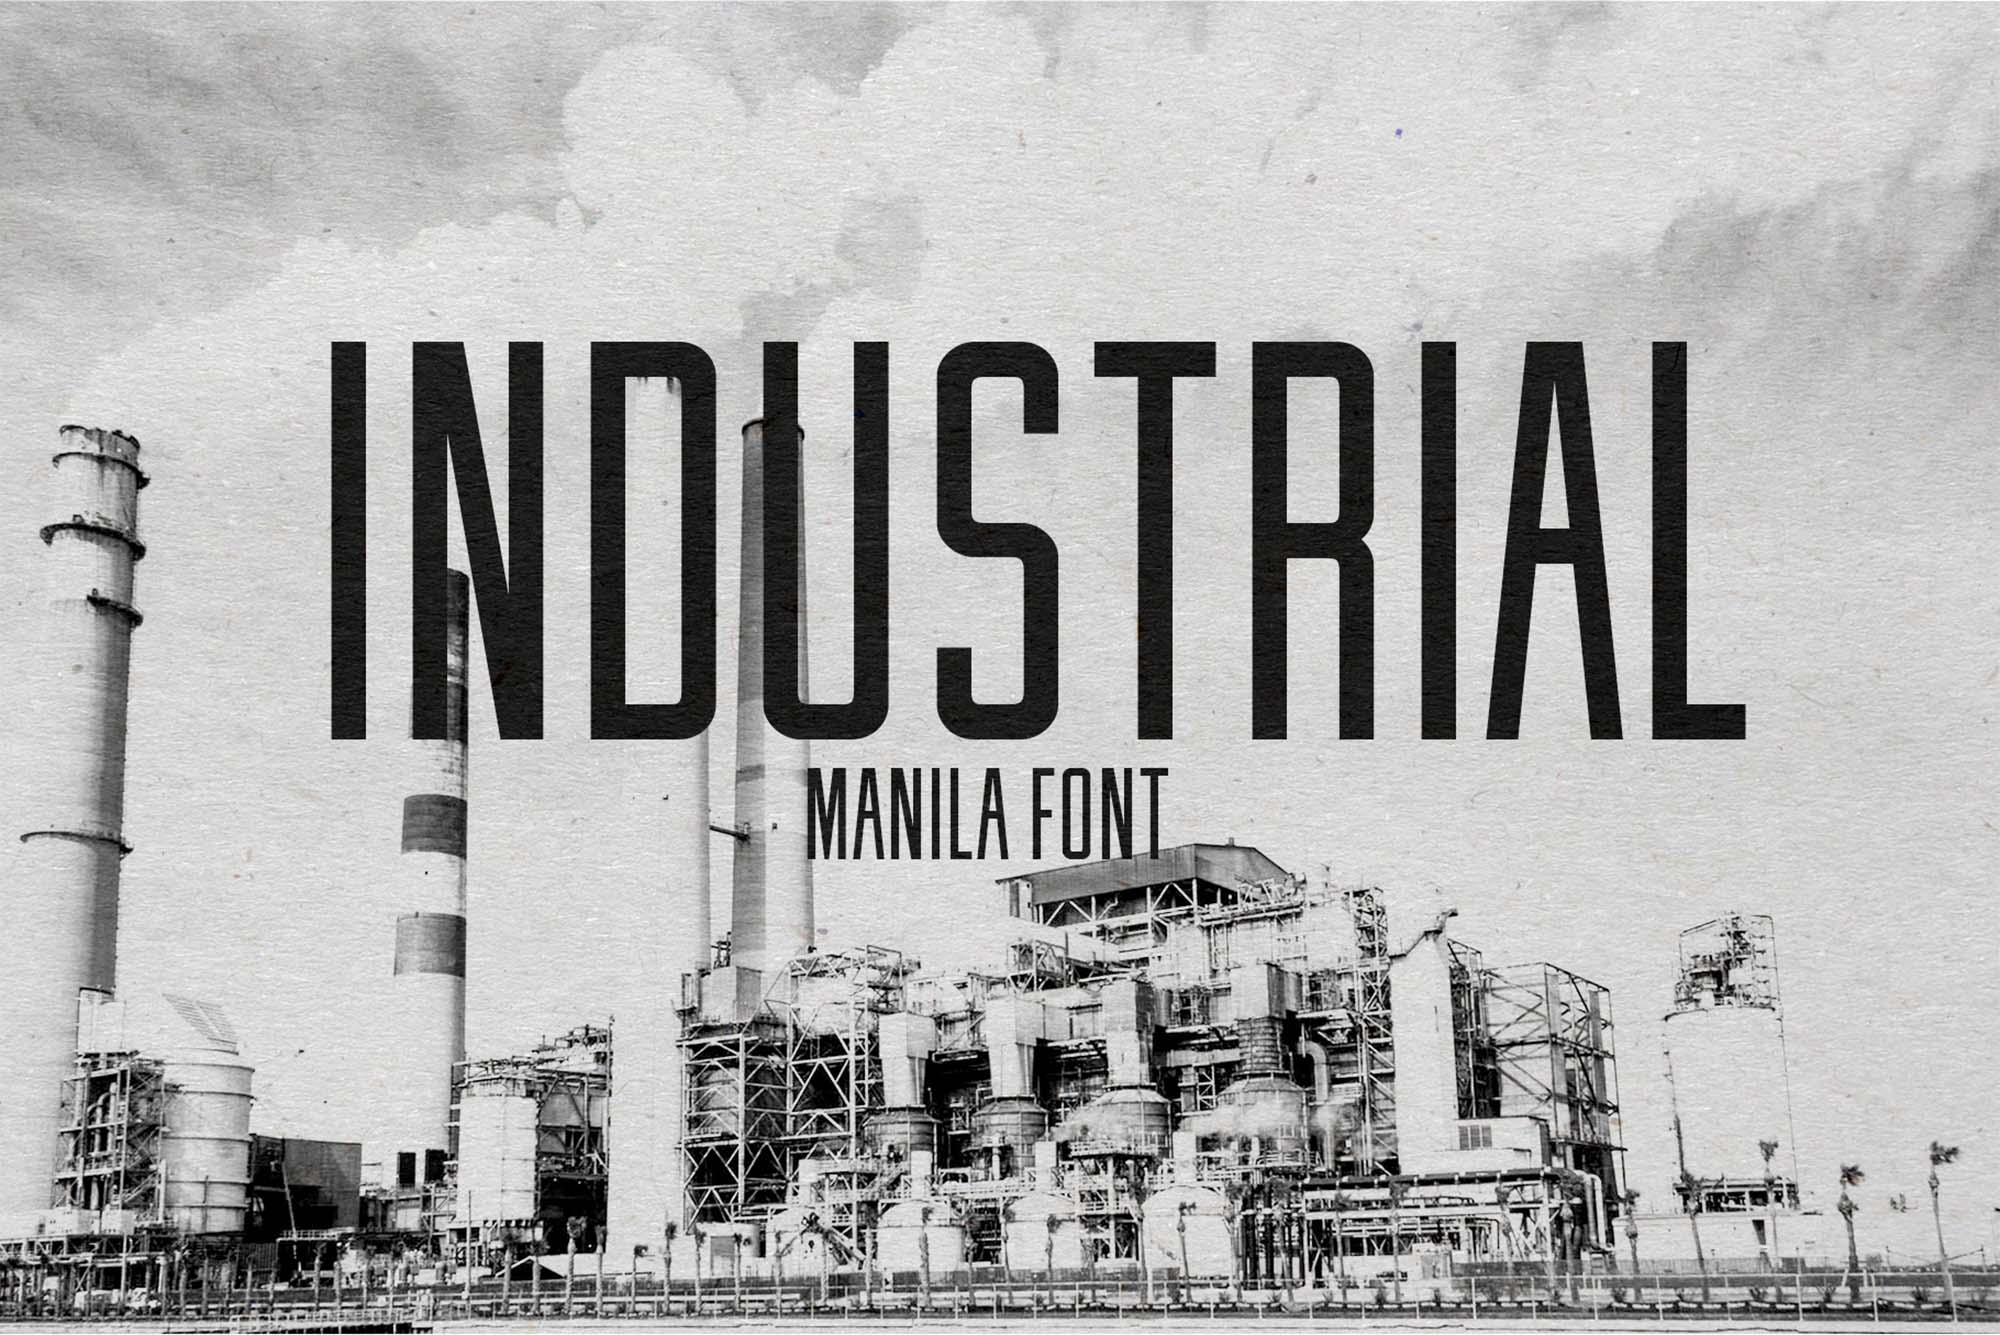 Manila Font 1